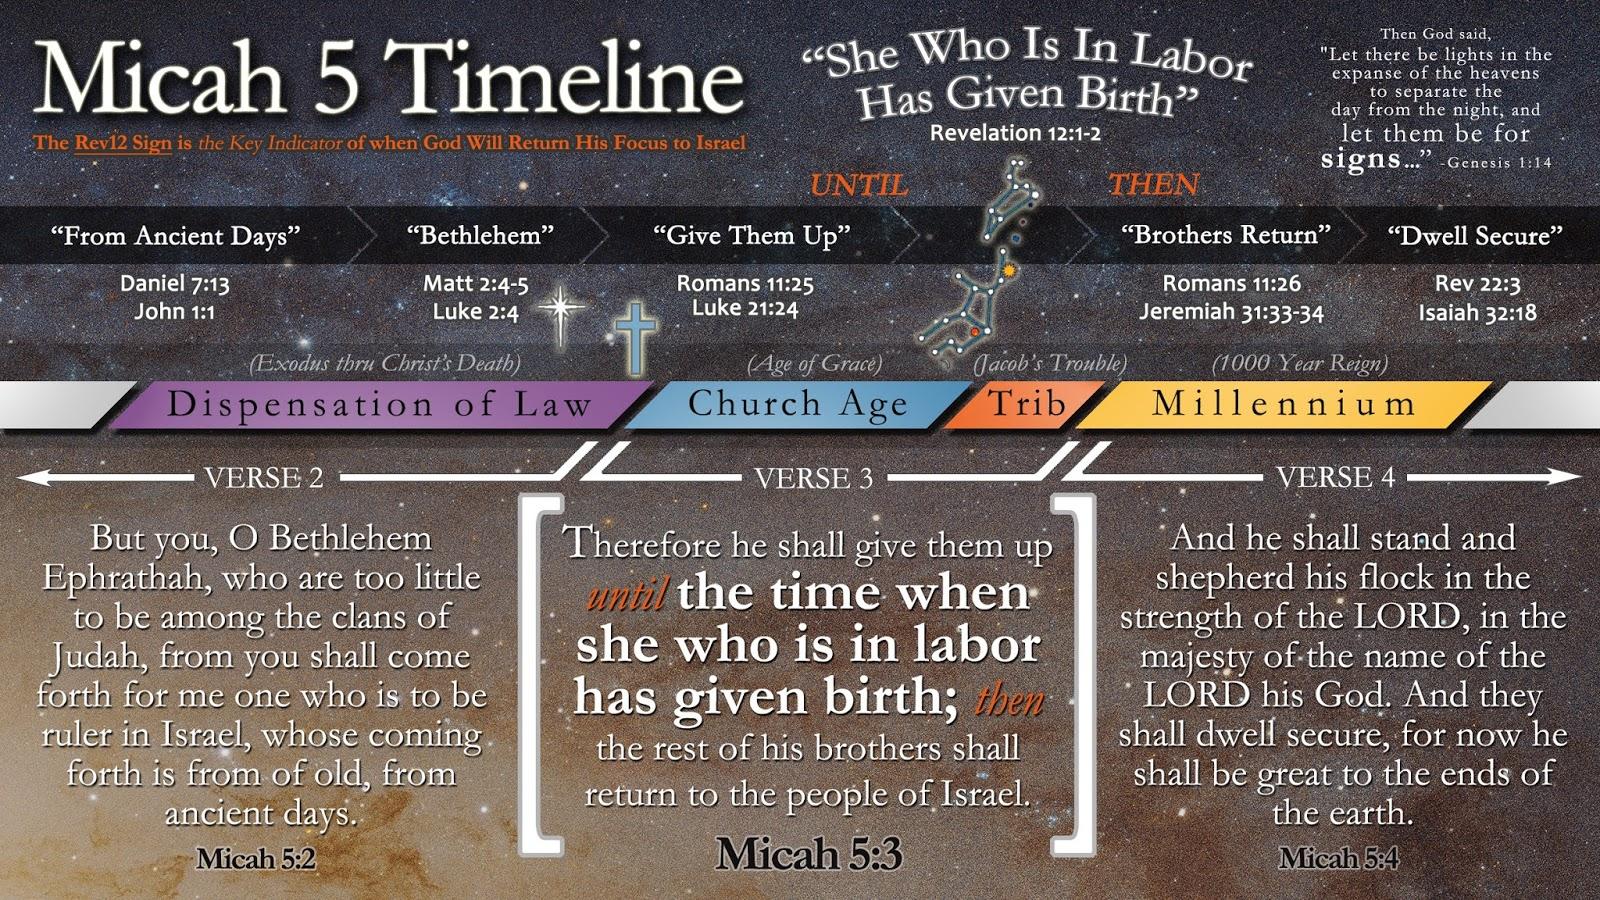 Micah 5 Timeline